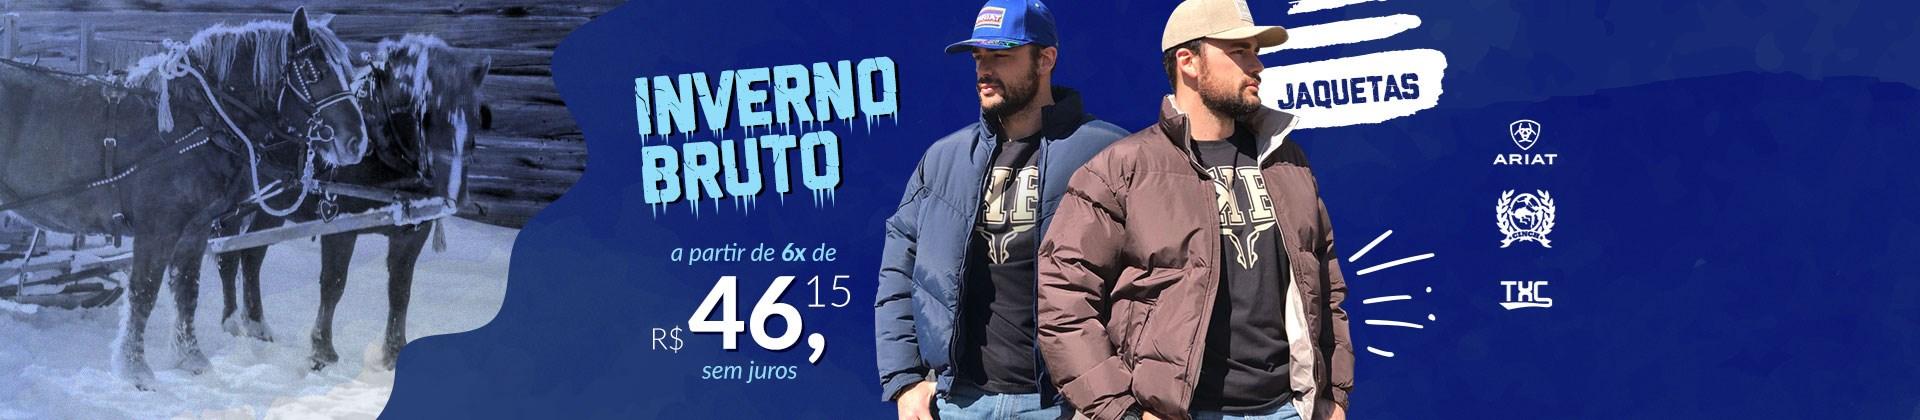 Banner Destaque Inverno Bruto Jaquetas -